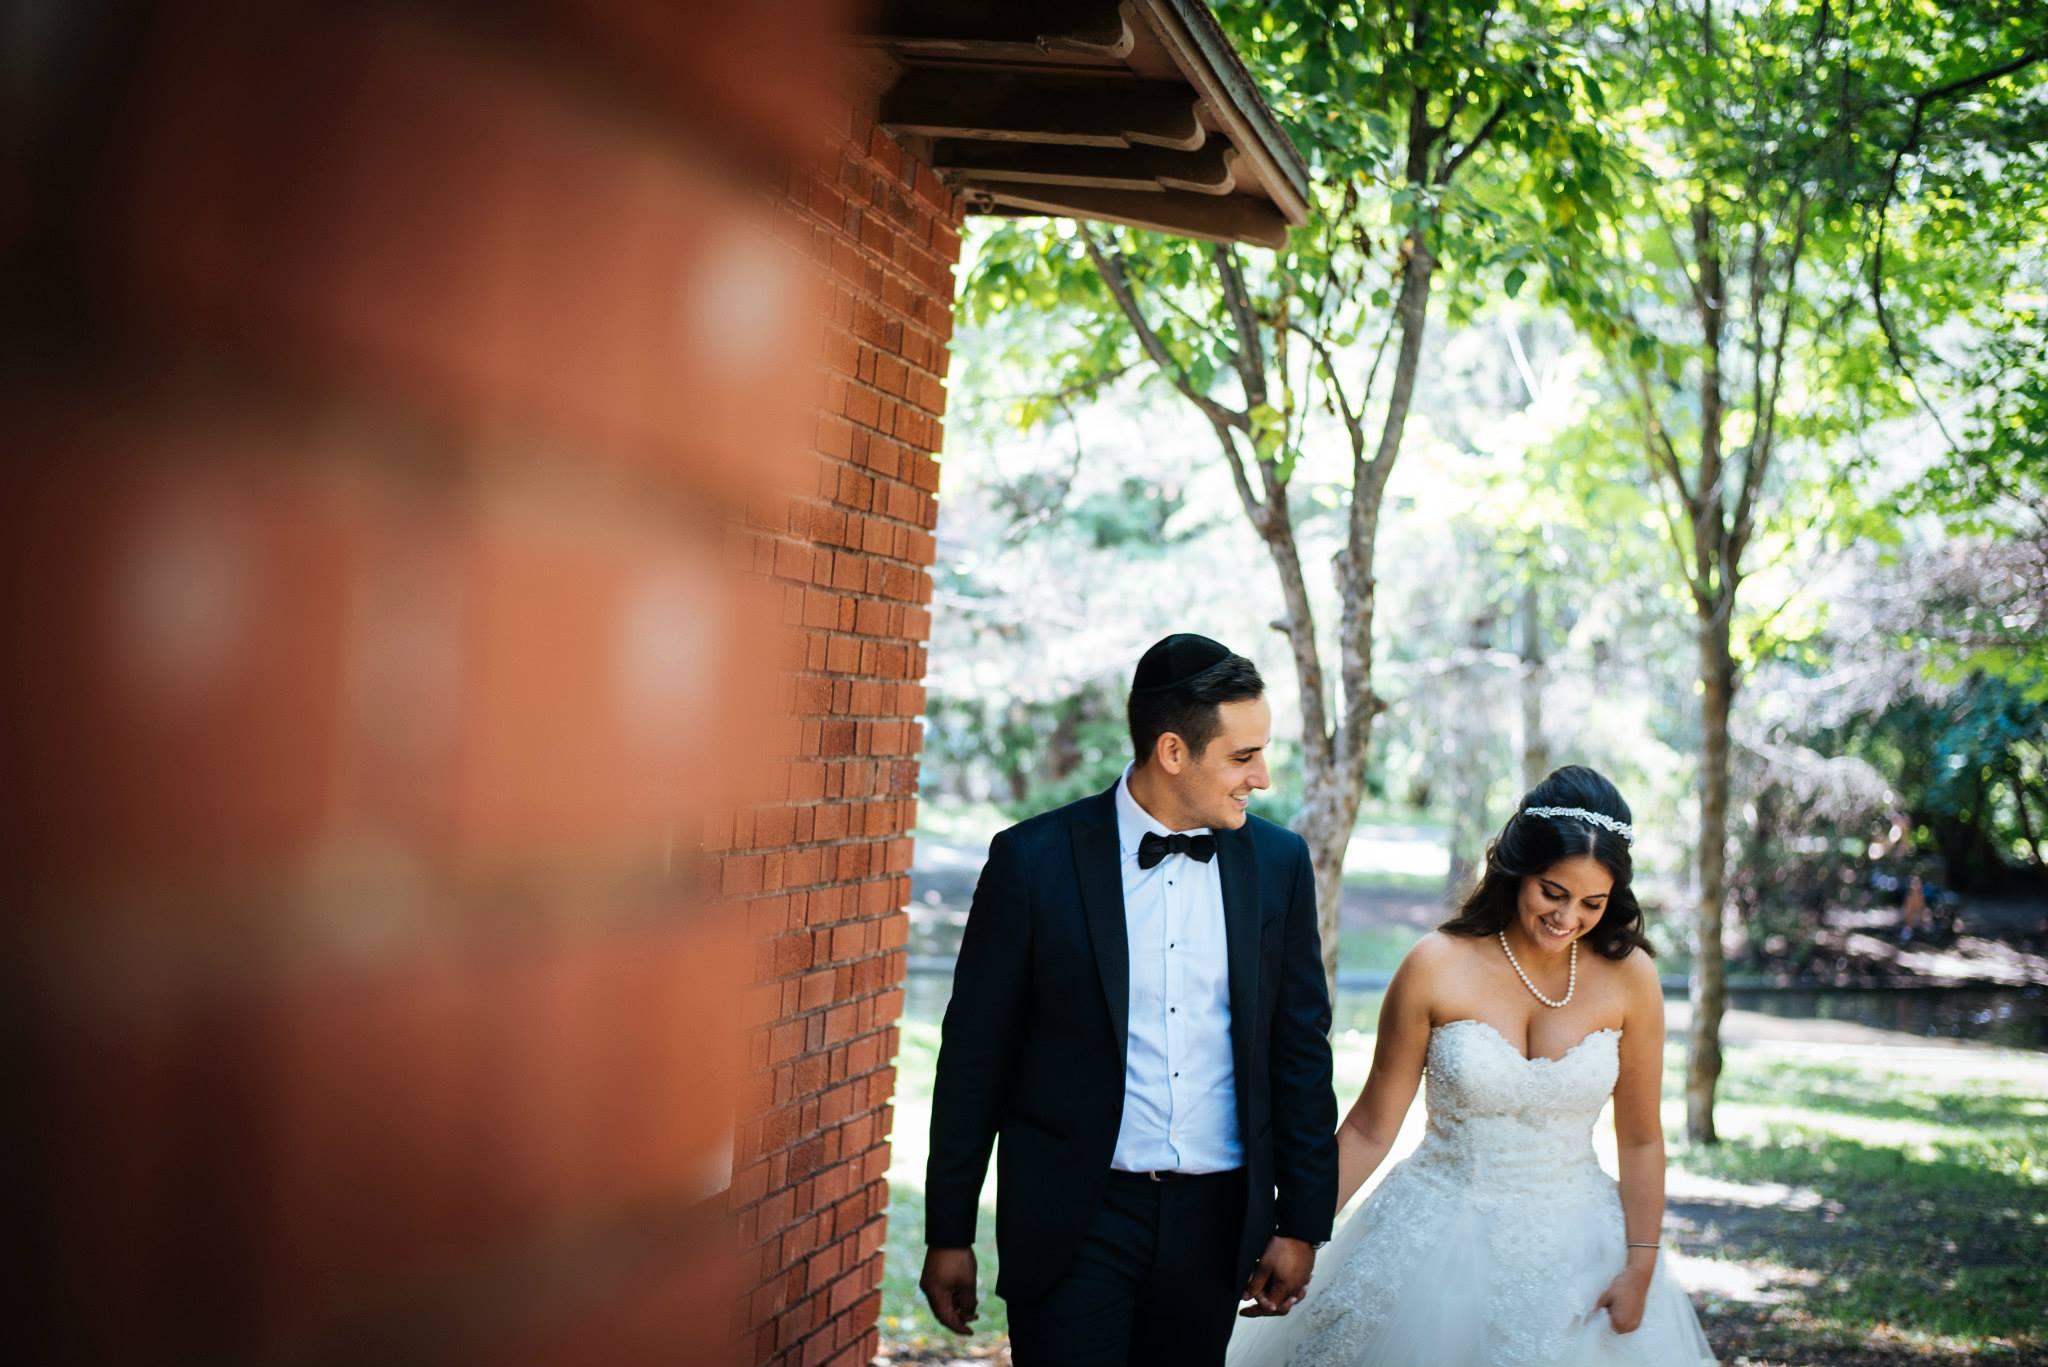 Weddings_Vesia4.jpg